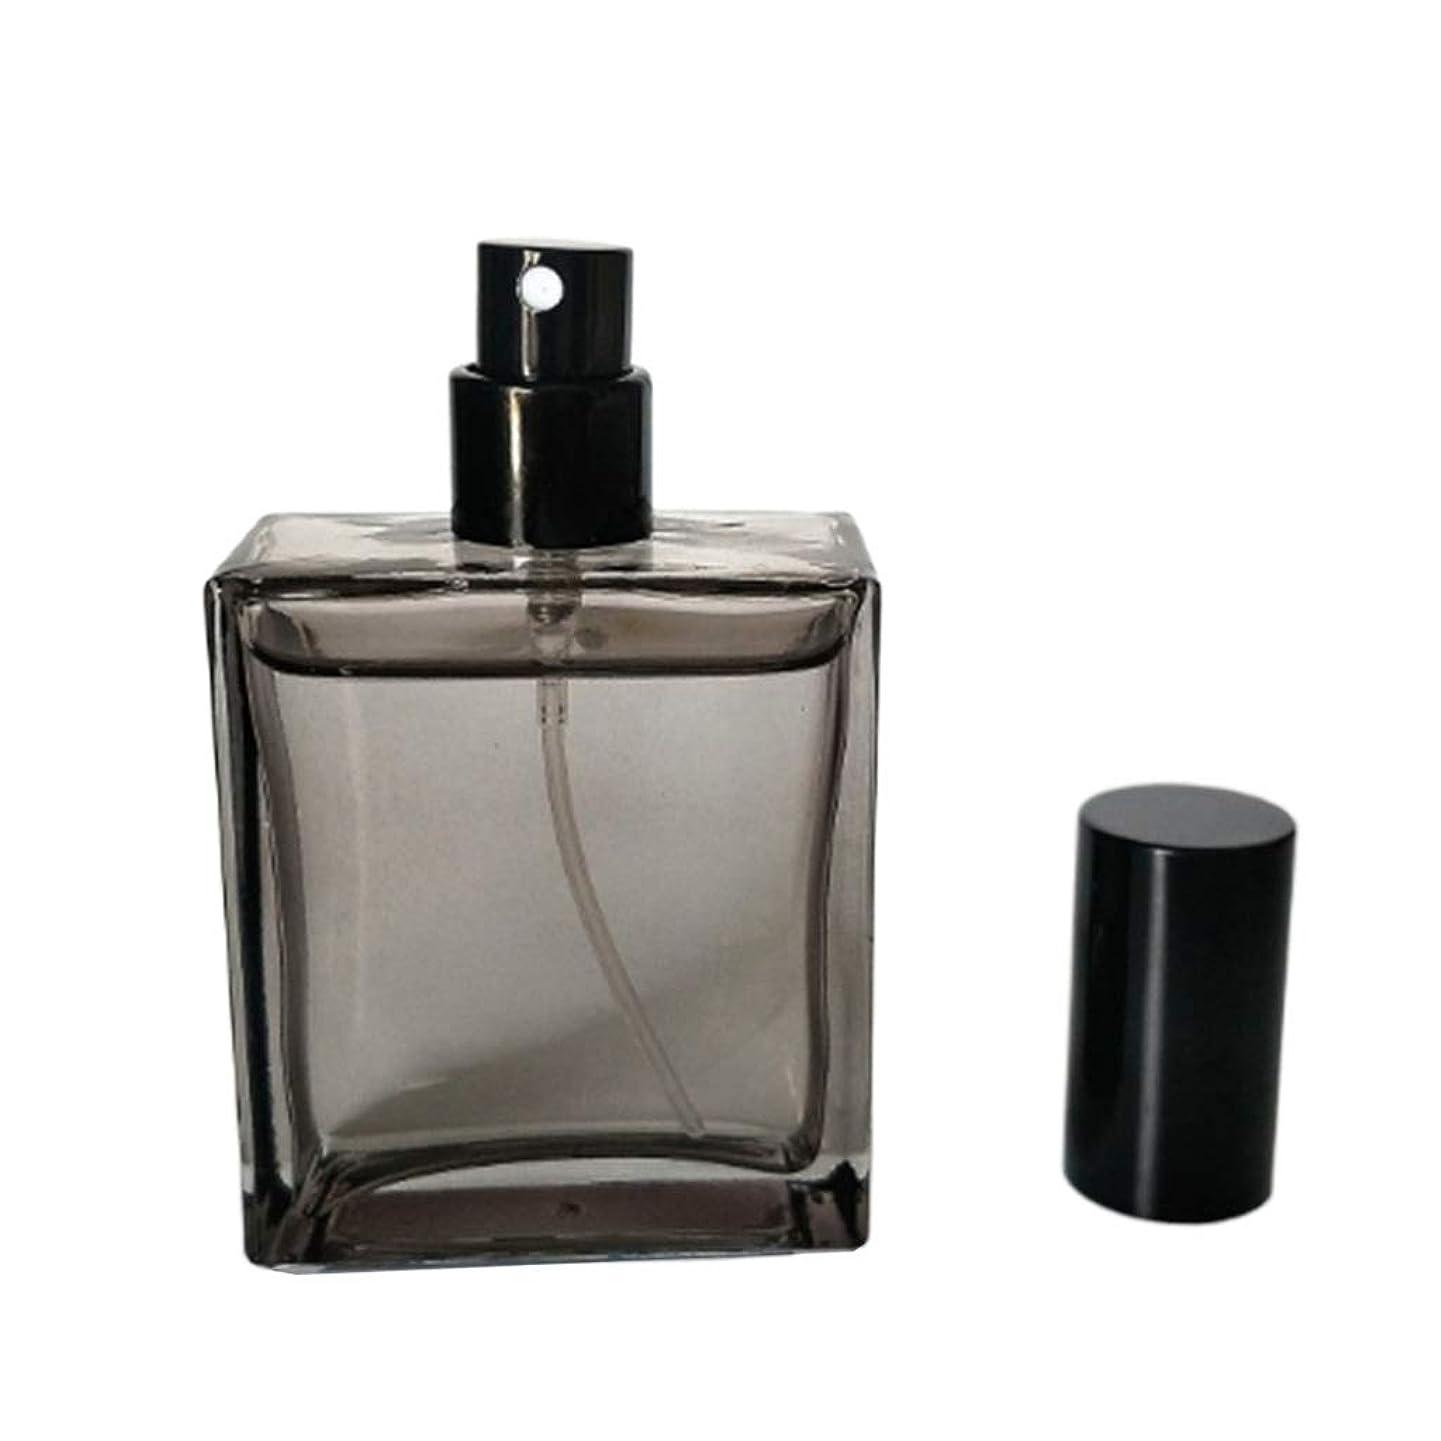 不実農民自己Injoyo ガラス スプレーボトル ポンプボトル 詰め替え 香水アトマイザー 化粧水瓶 噴霧器 50ML おしゃれ